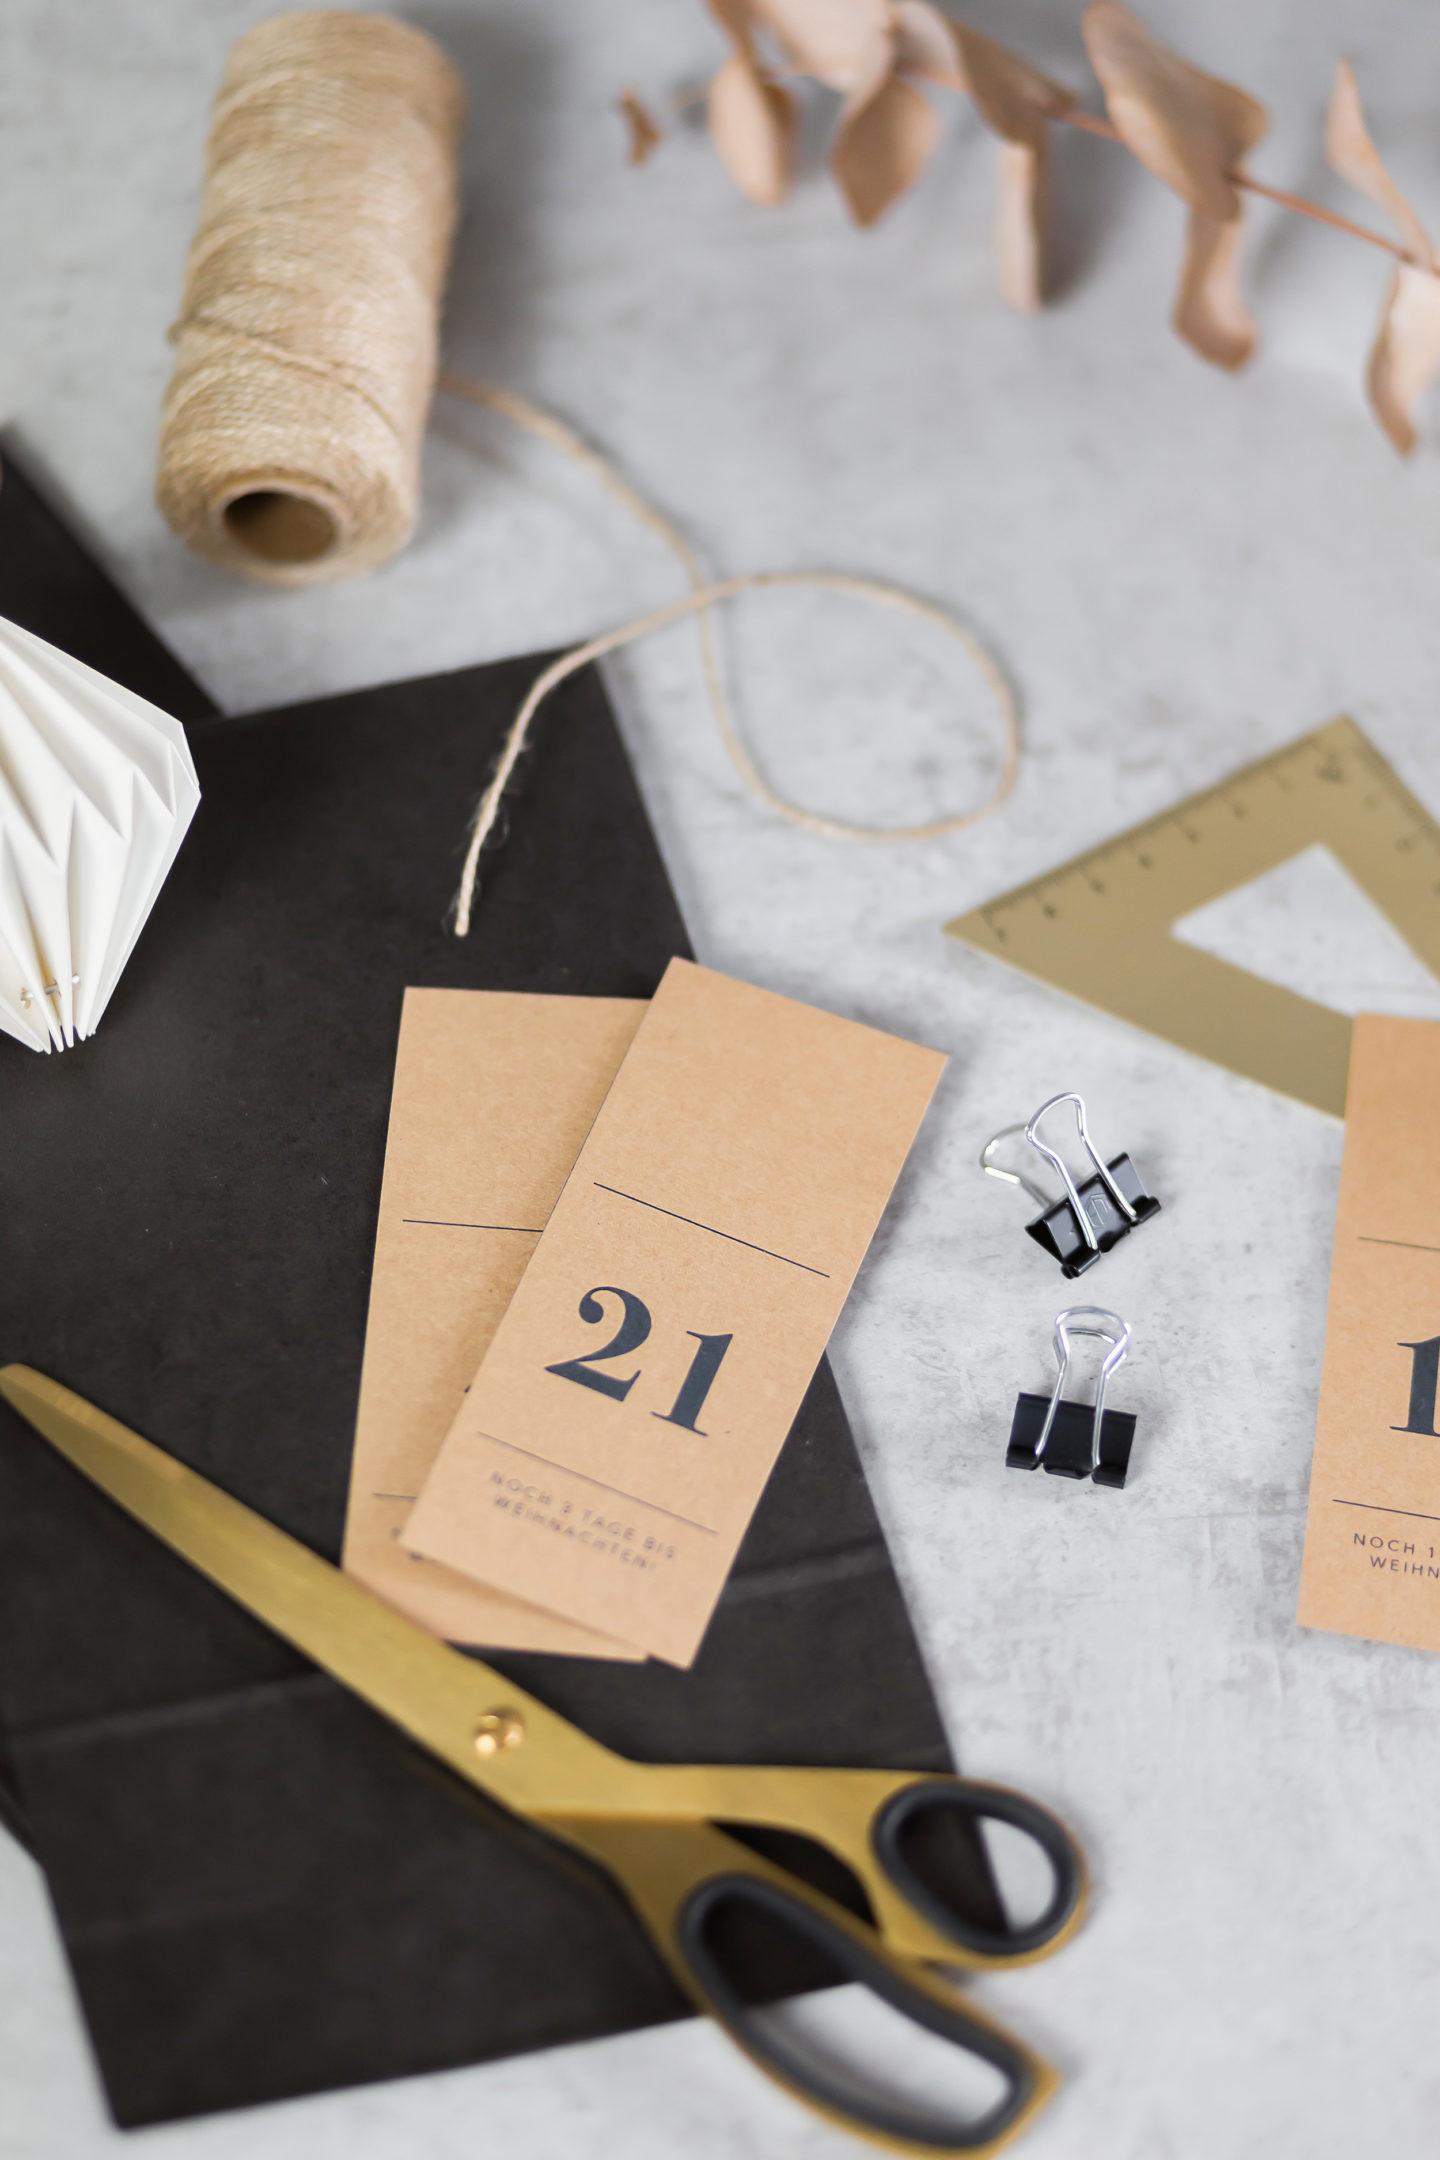 Schneller DIY Adventskalender basteln, schlichter Adventskalender aus Papiertüten, selbstgerechter Adventskalender, Adventskalender Ideen für Erwachsene, Adventskalender Ideen für Männer, Adventskalender Ideen für Frauen, bezauberndenana